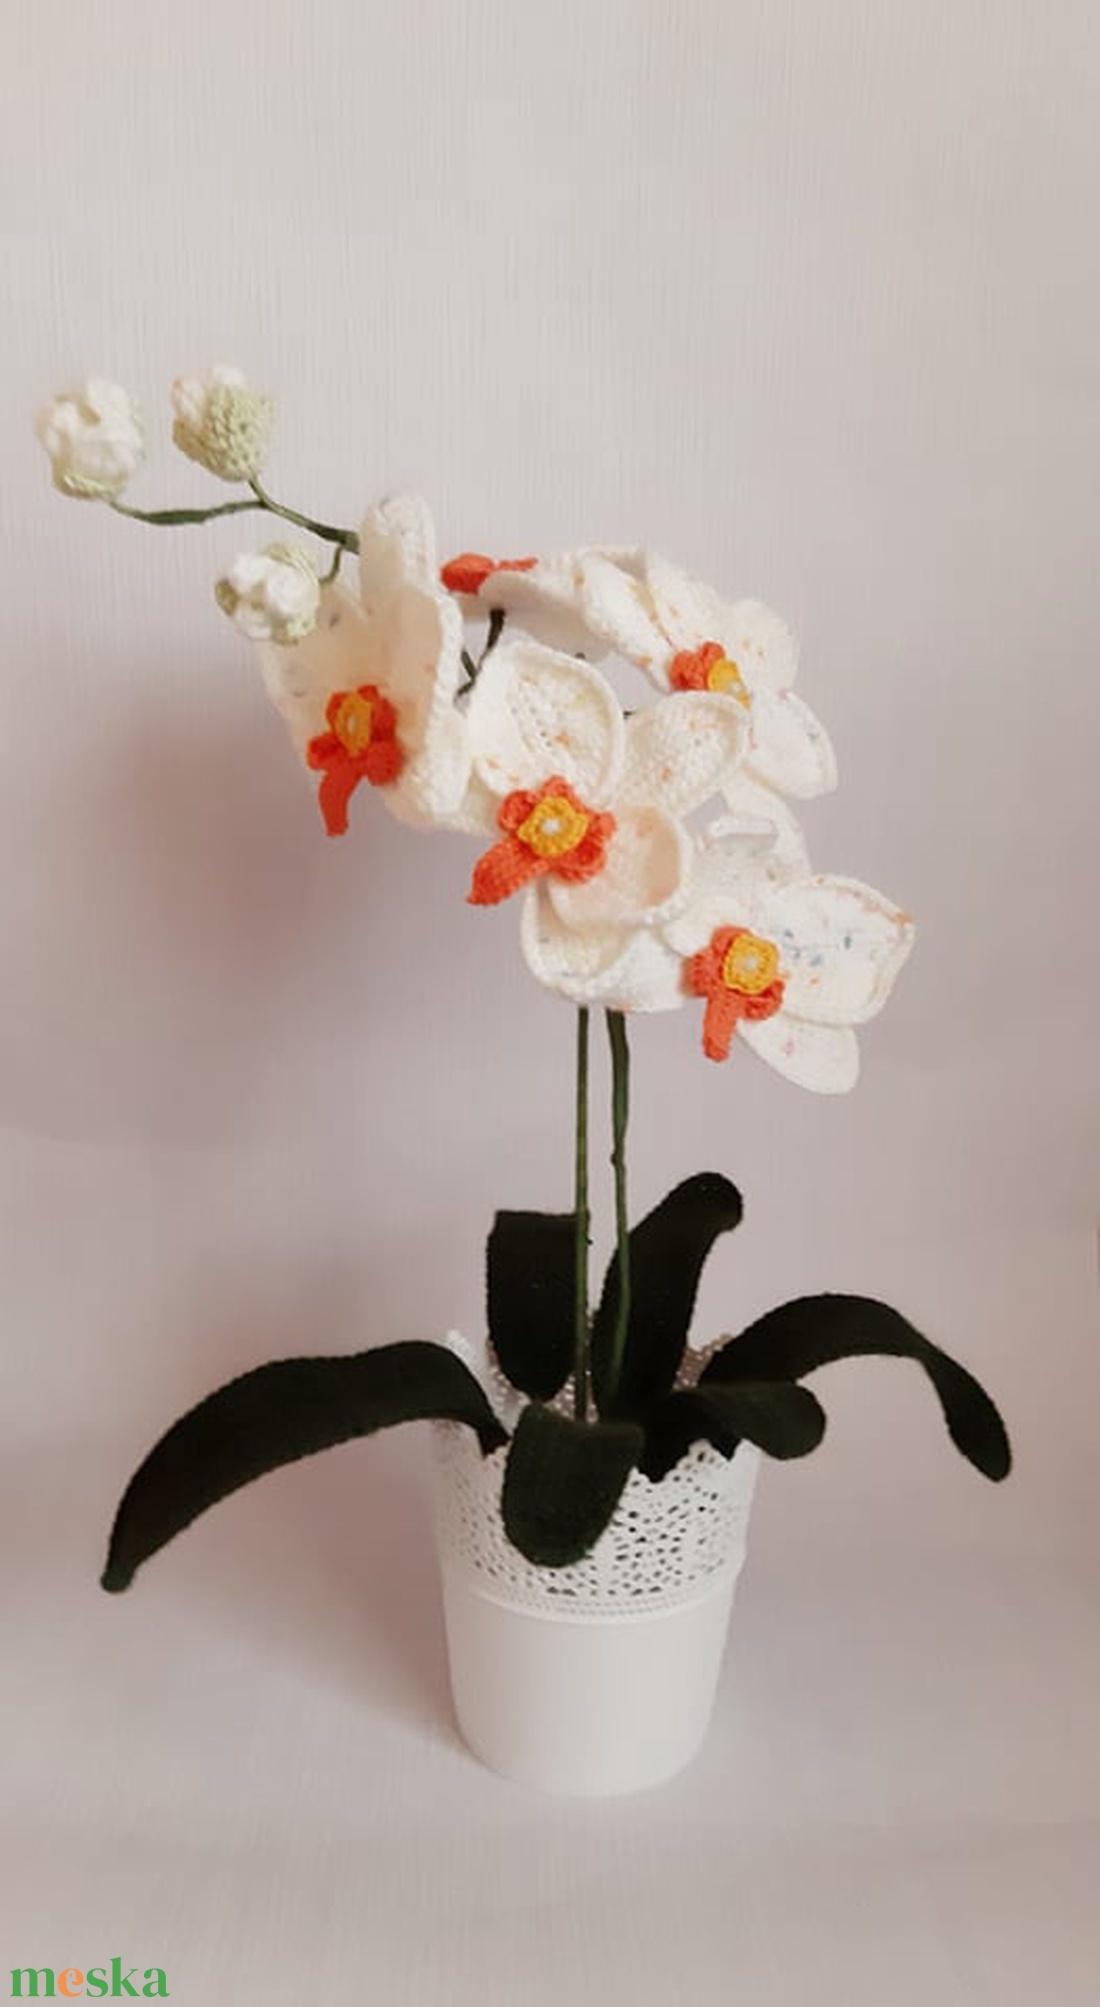 Horgolt fehér orchidea (Malnacskaworkroom) - Meska.hu